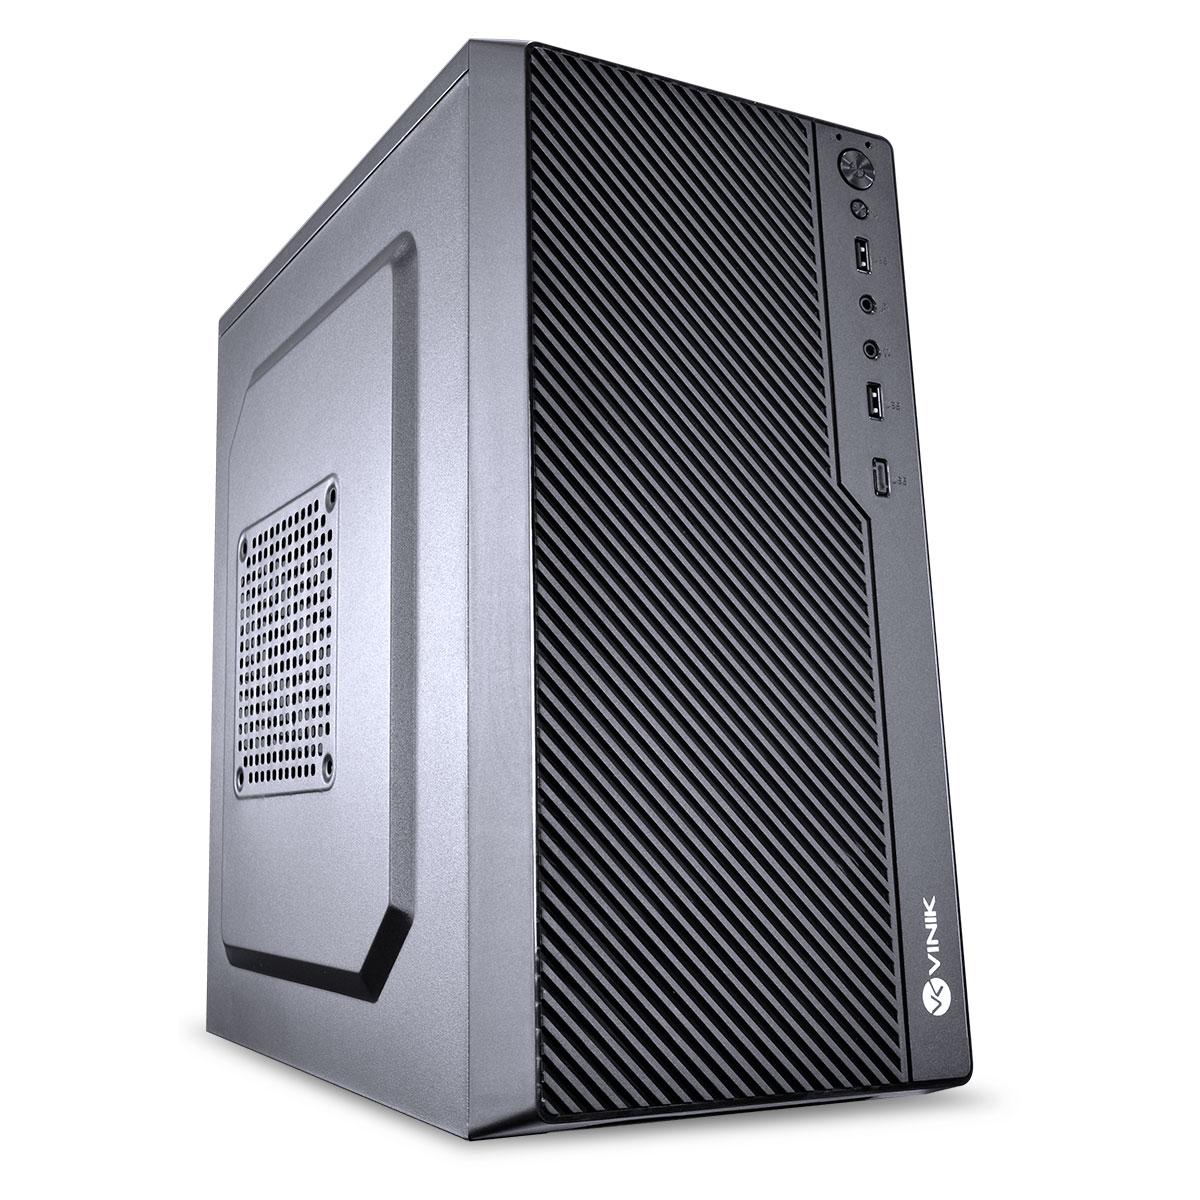 Computador Intel Pentium G6400 10ªGeração, 8GB, SSD 240GB